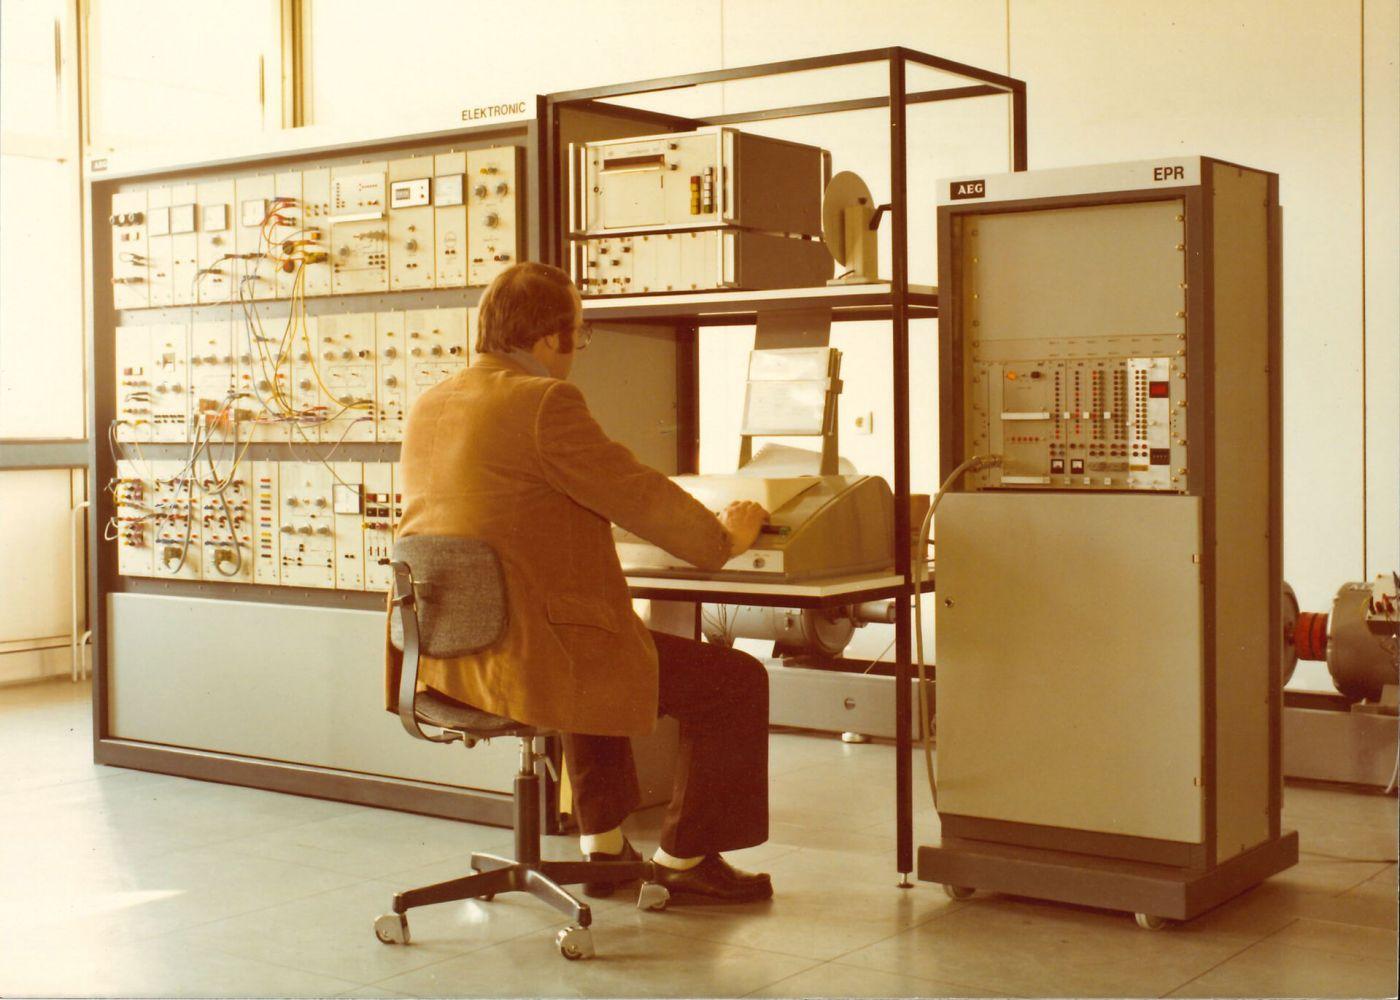 1977: Kurz nach den Anfängen unserer Hochschule sah es im Labor für Regelungstechnik und Prozesslenkung so aus. (Foto: Kiepker-Balzer)